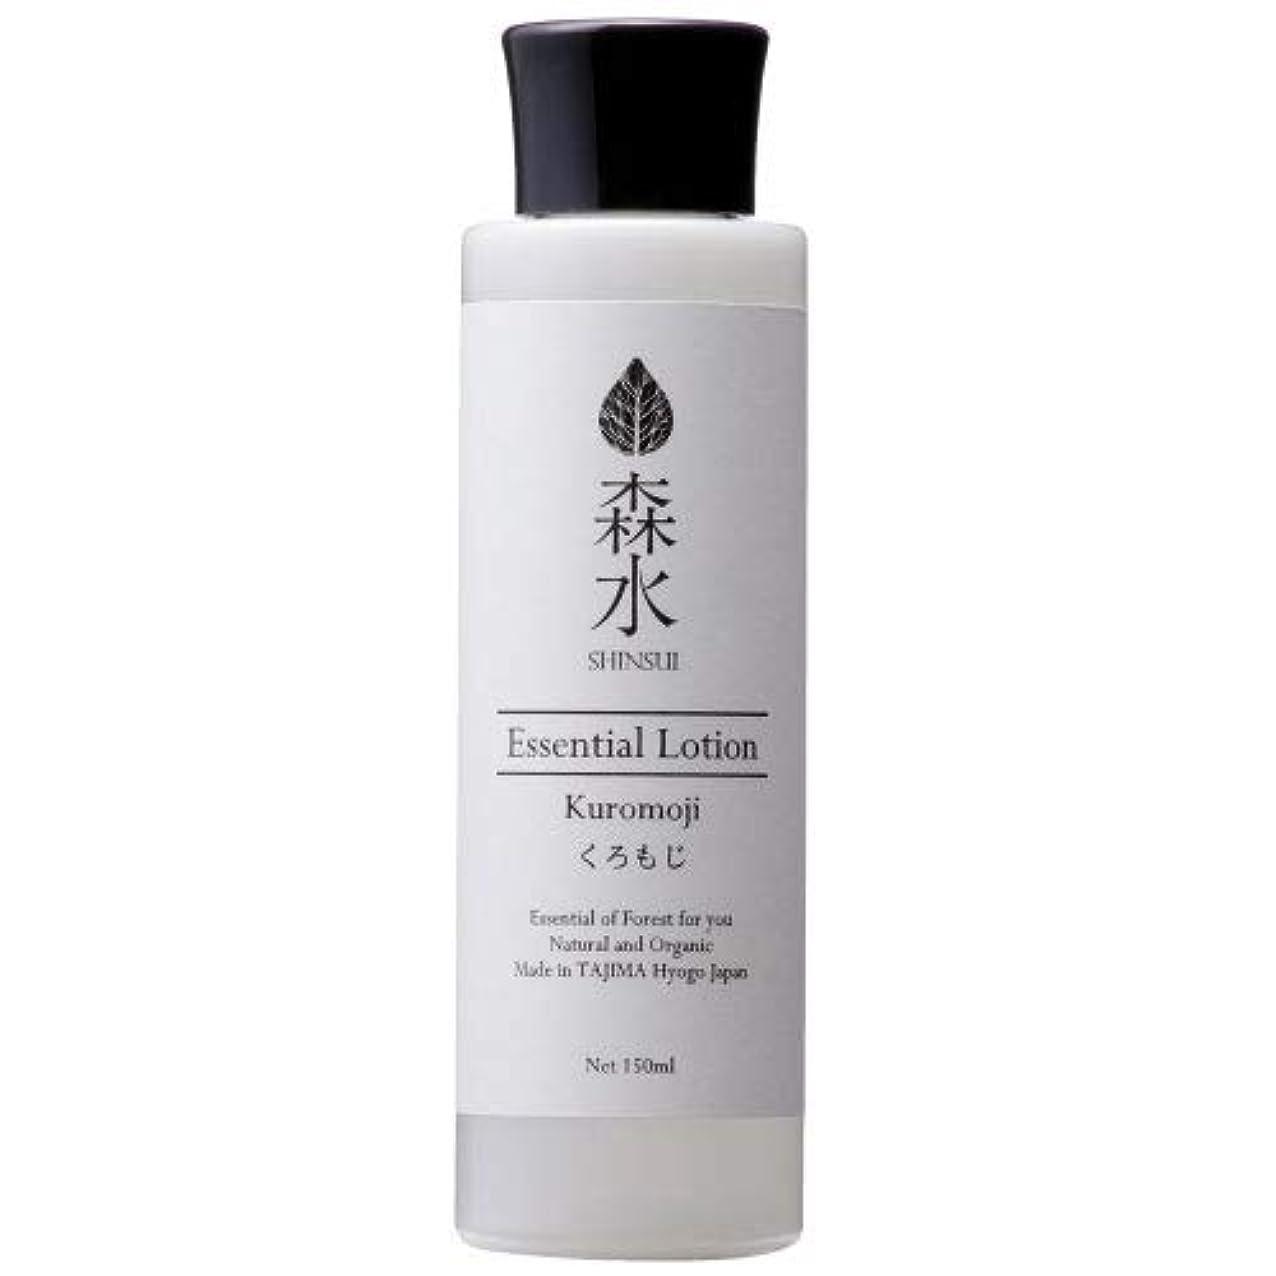 憲法ストレージ長さ森水-SHINSUI シンスイ-くろもじ化粧水(Kuromoji Essential Lotion)150ml